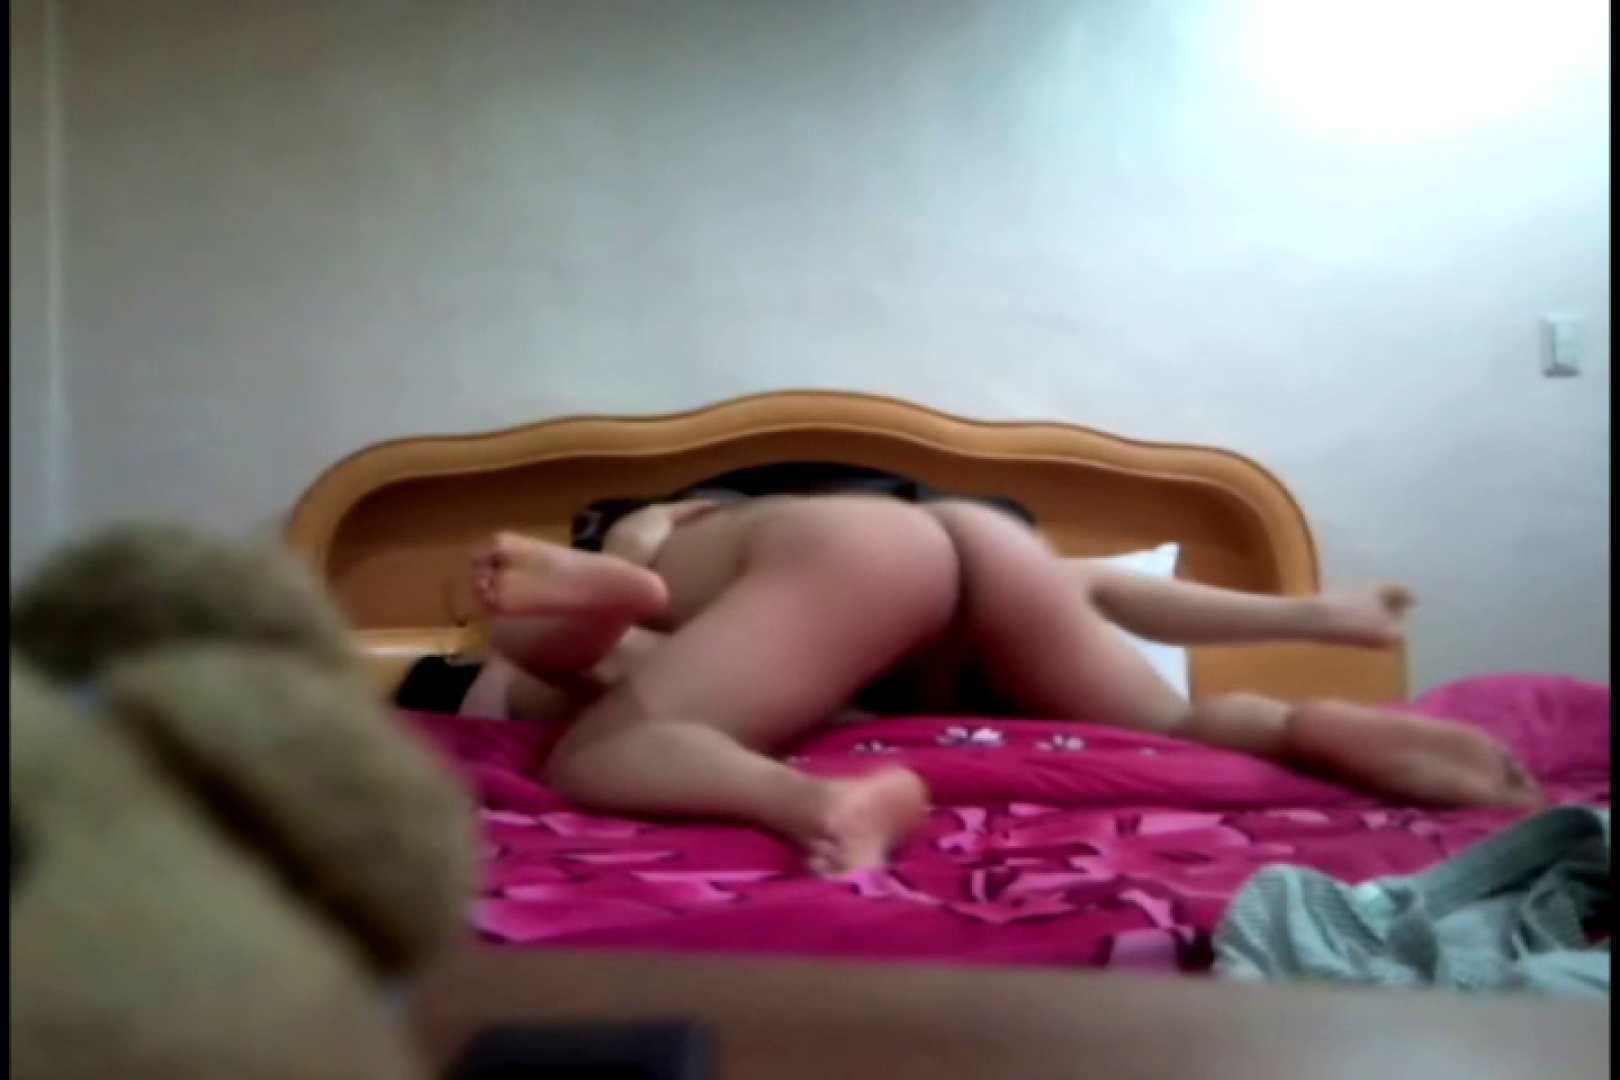 コリアン素人流出シリーズ ラブホテル隠し撮り ホテル 盗み撮り動画 86pic 23